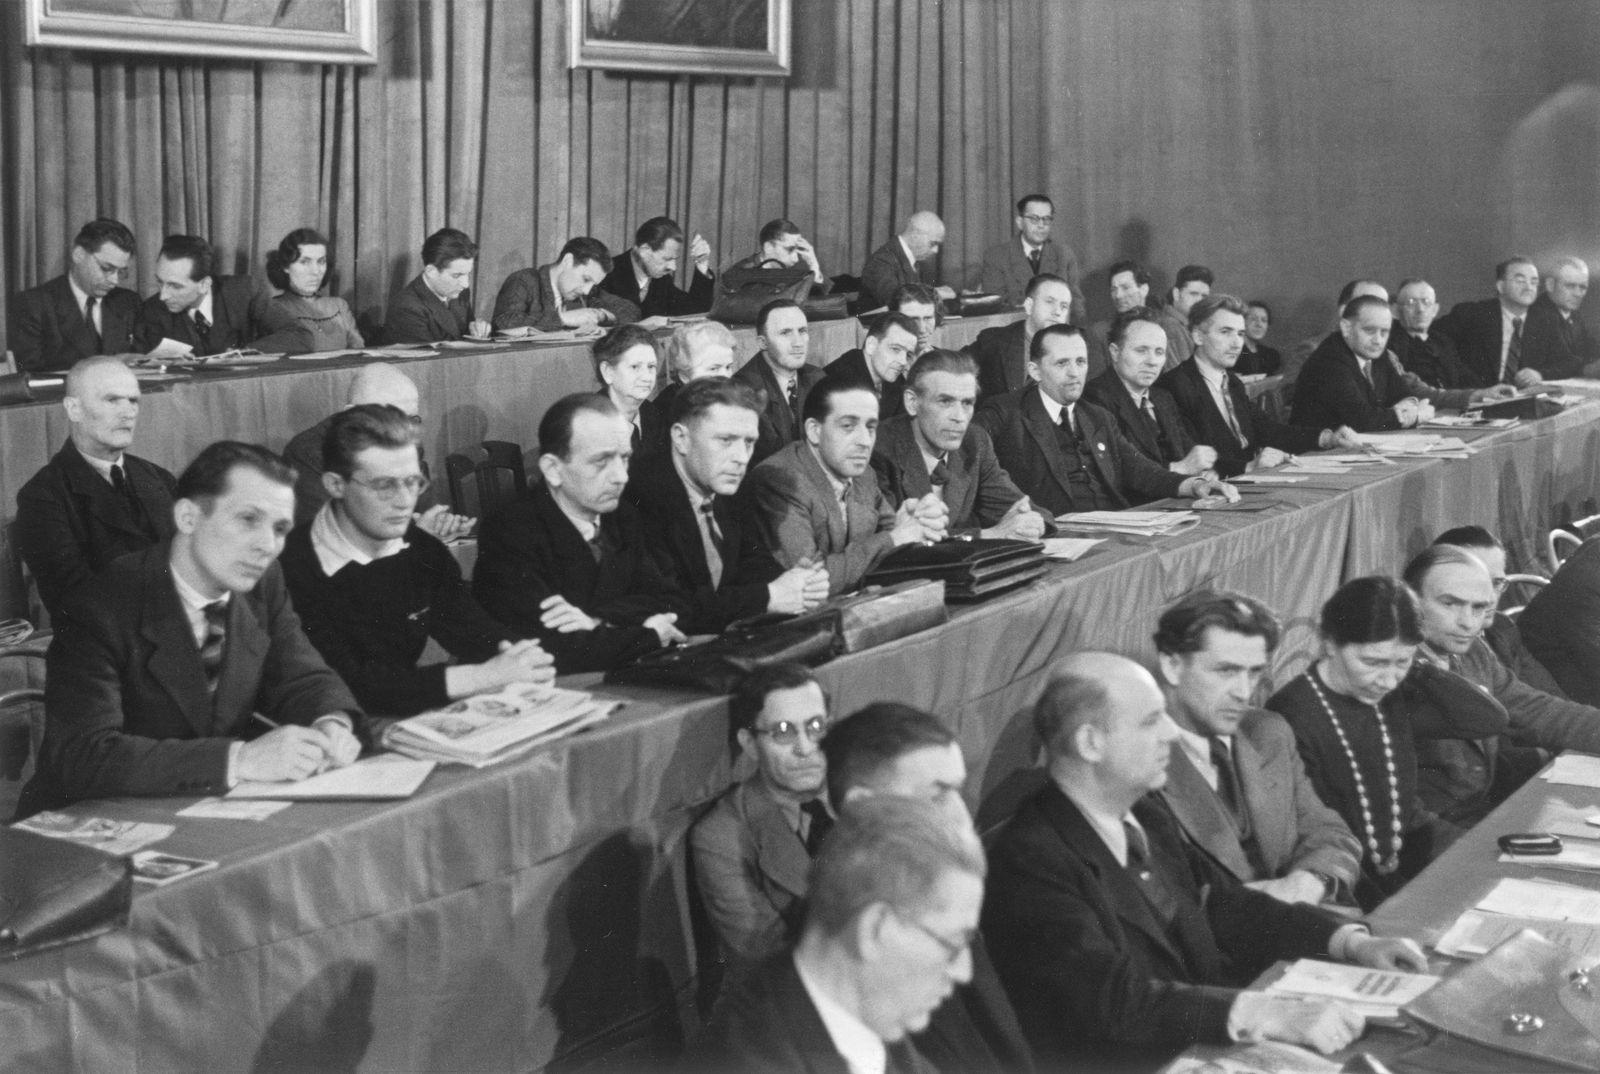 Vereinigungsparteitag von KPD und SPD zur SED im Berliner Admiralspalast am 21./22. April 1946